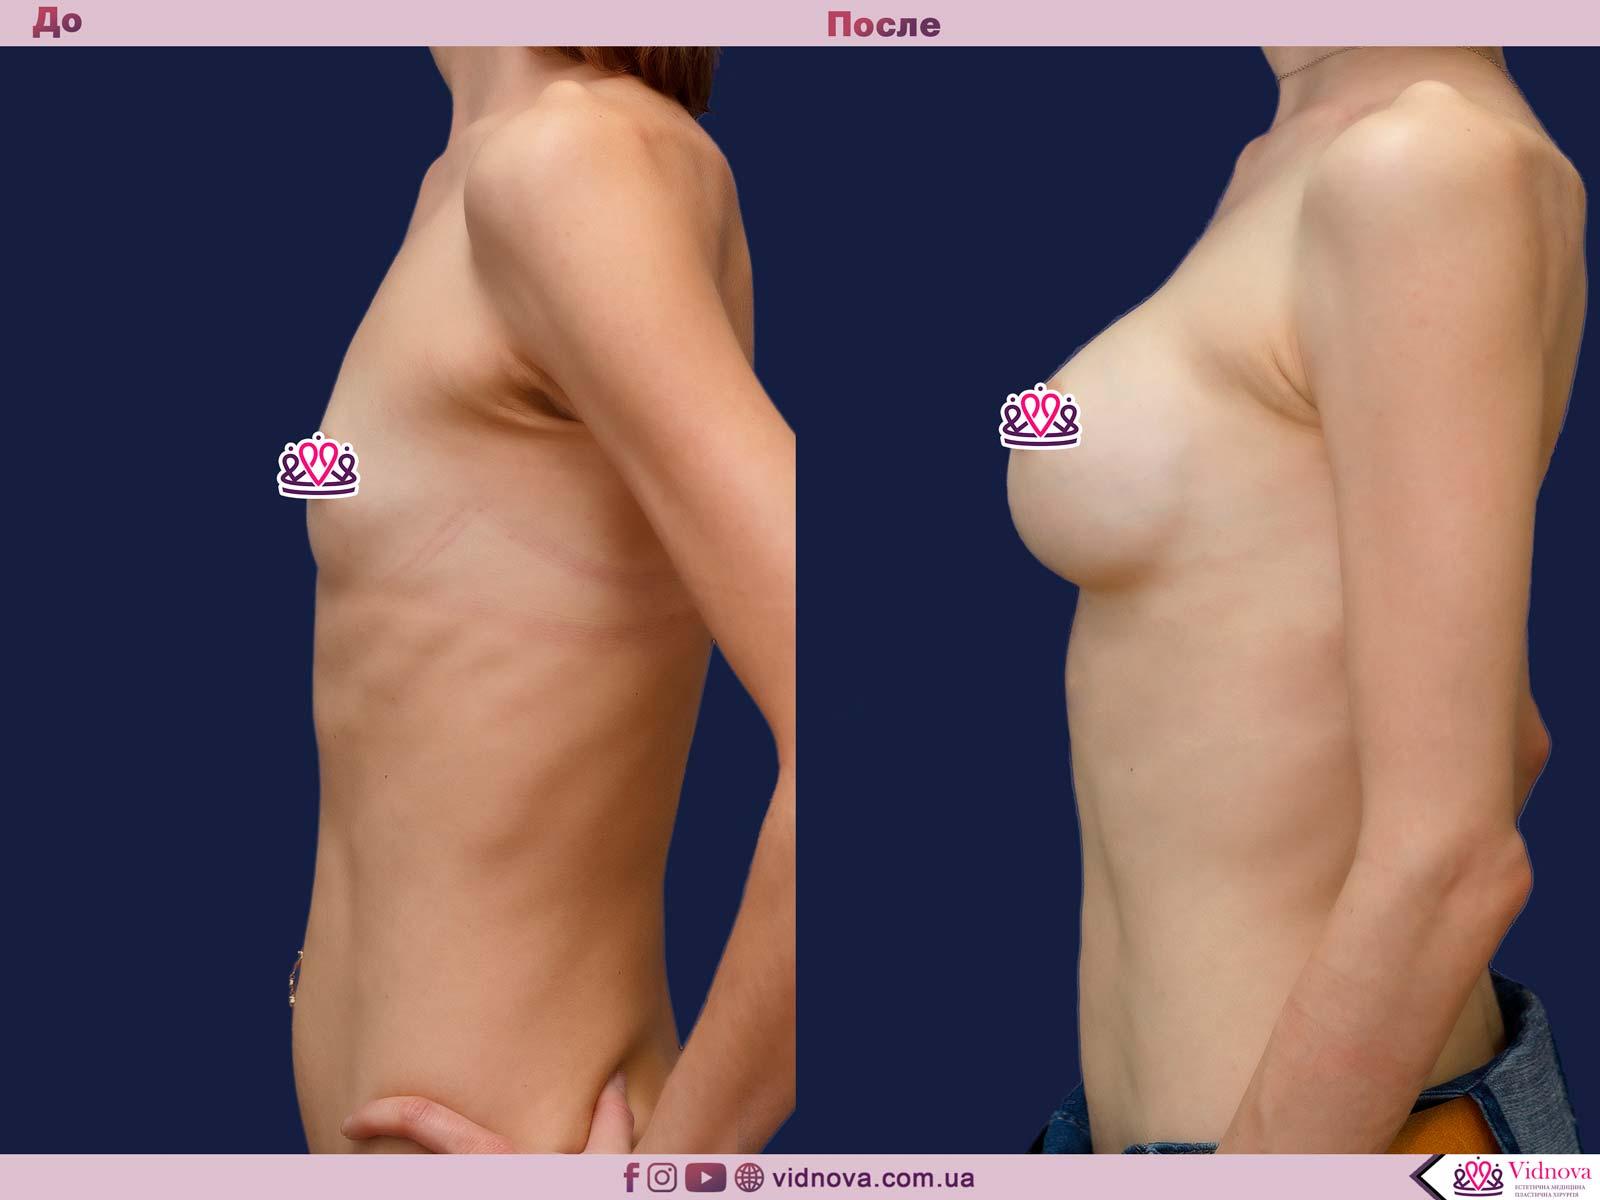 Пластика груди: результаты до и после - Пример №37-2 - Светлана Работенко